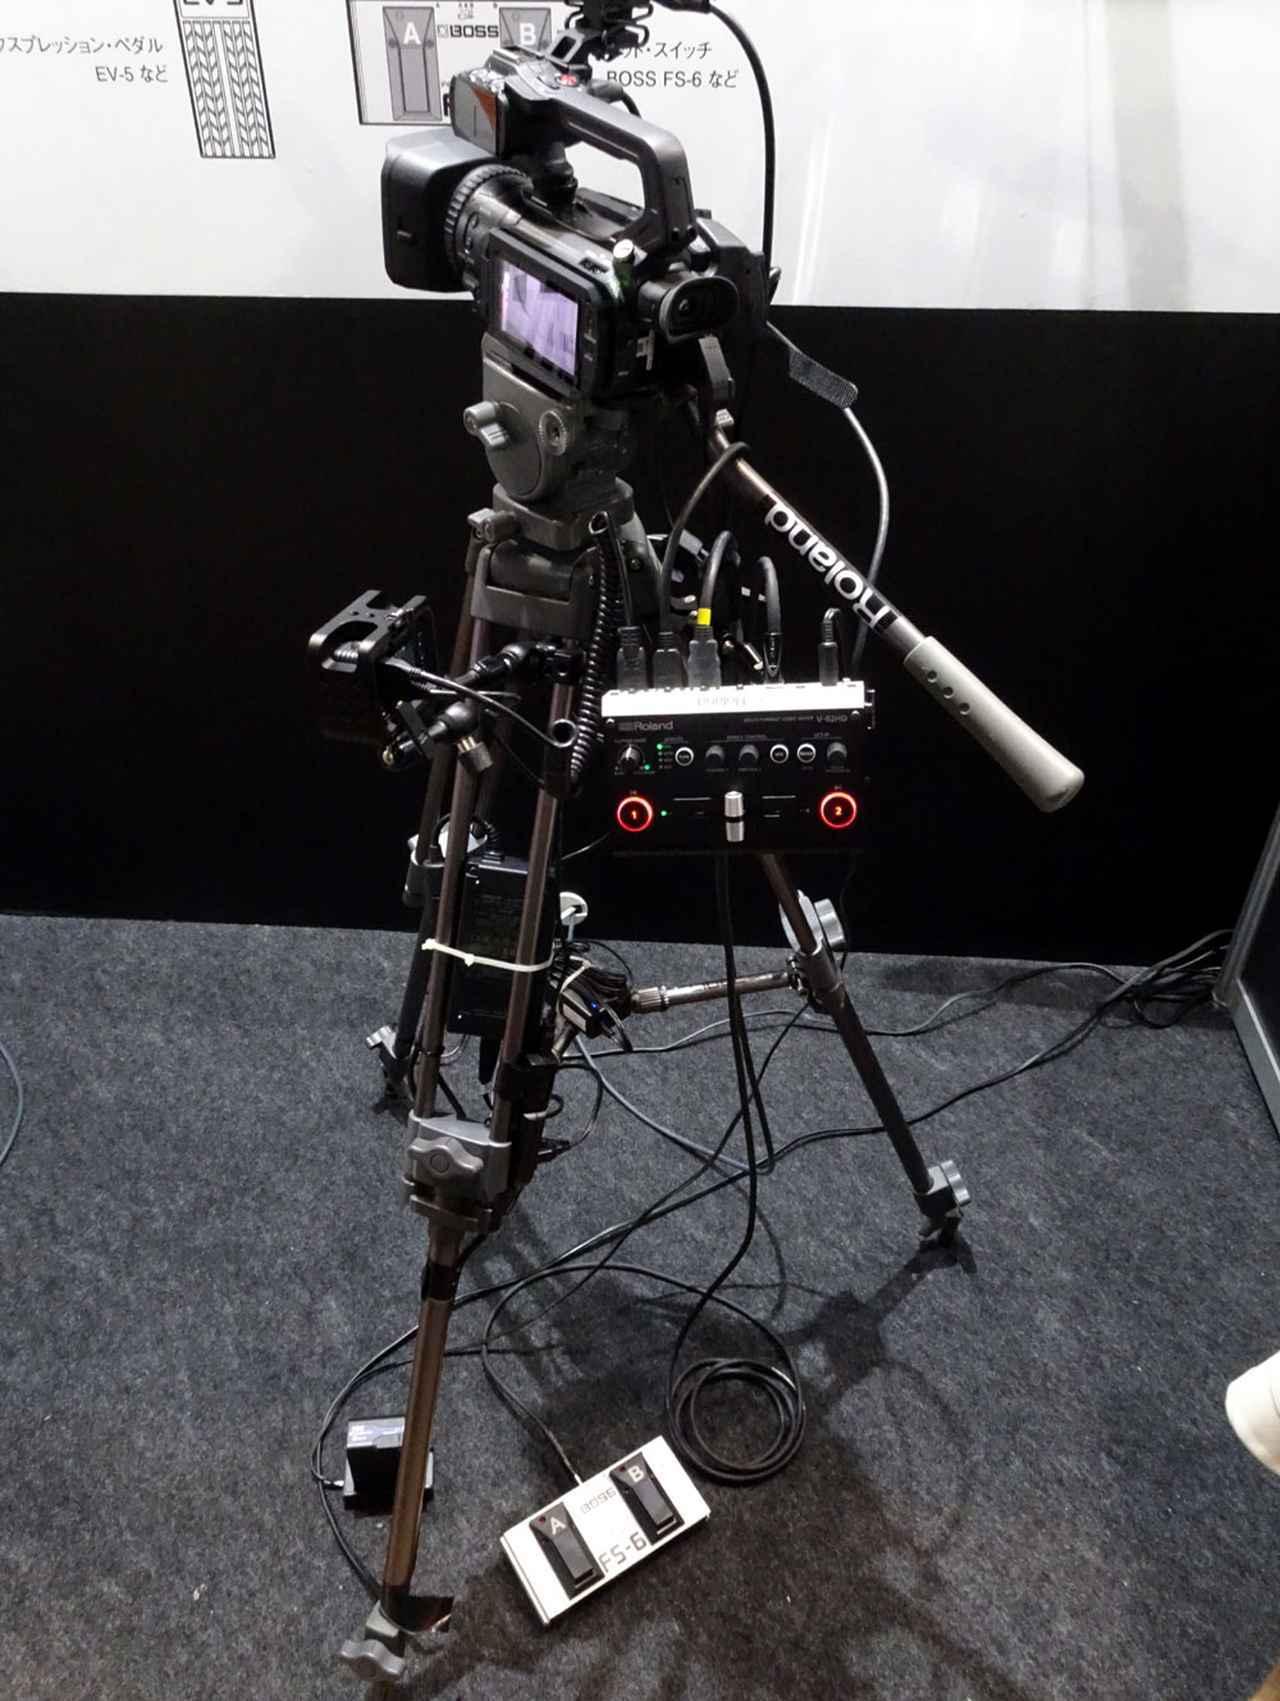 画像: 「V-02HD」。三脚に固定すれば、手元操作もラクラク。オプションのフットペダルを組み合わせれば、足でのスイッチング操作も可能